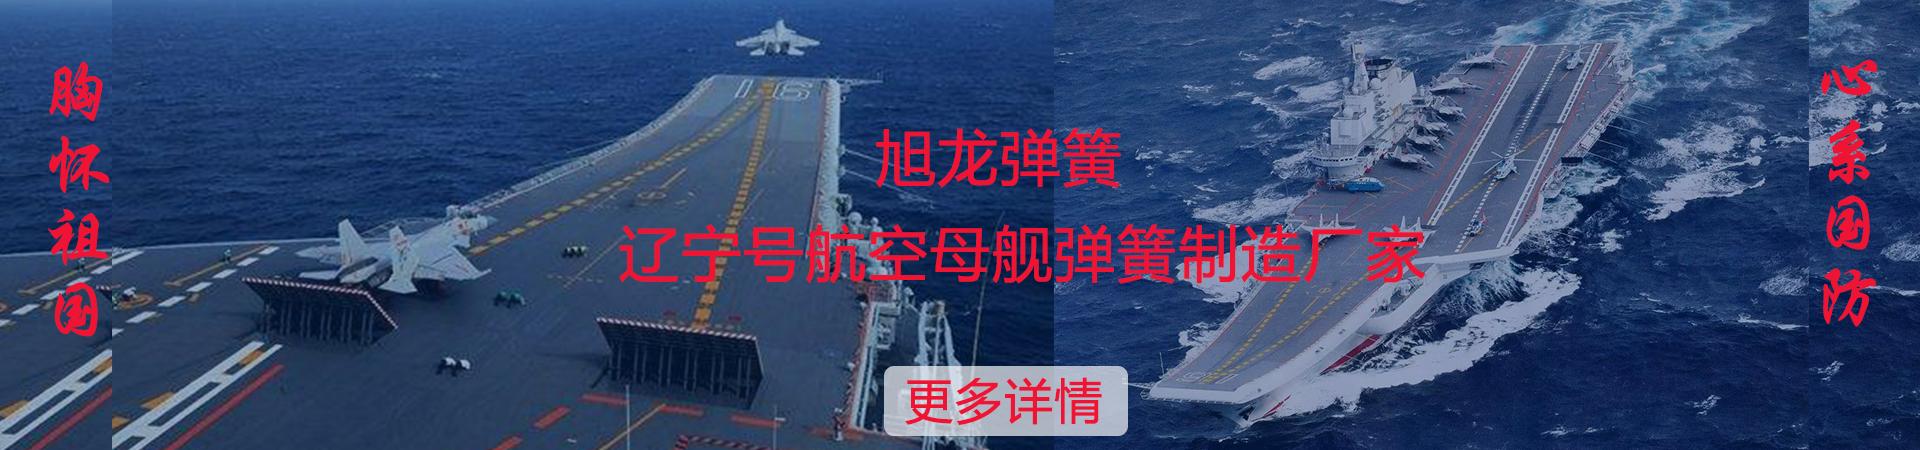 广东旭龙弹簧厂为辽宁号航空母舰供应弹簧